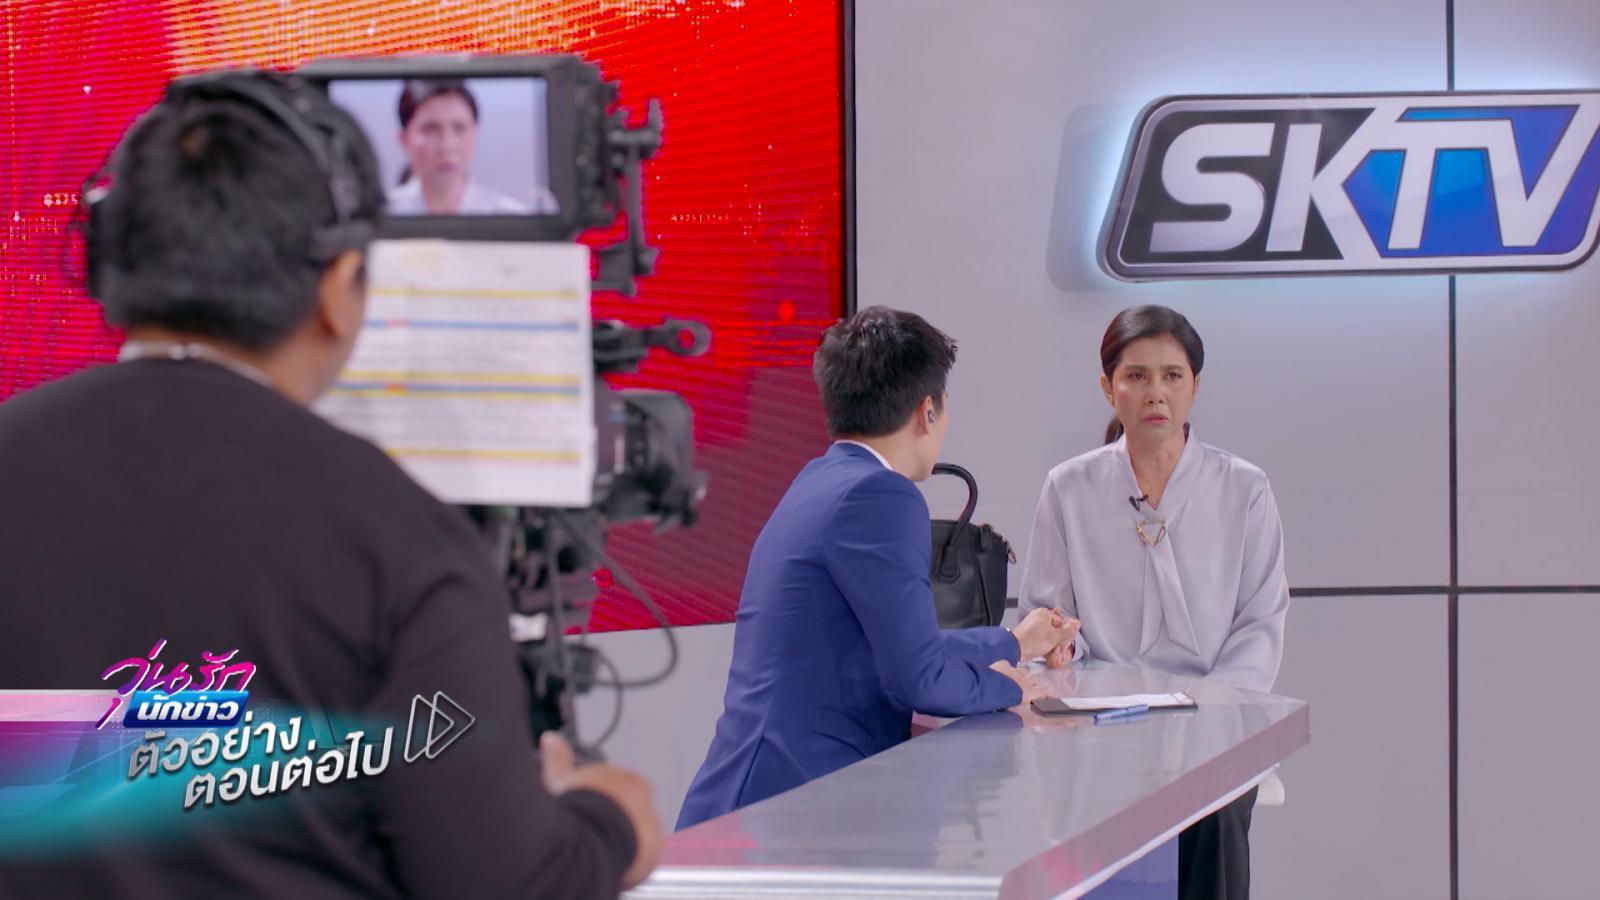 วุ่นรักนักข่าว EP.9 | ฟินสุด | ตัวอย่างตอนต่อไป | PPTV HD 36